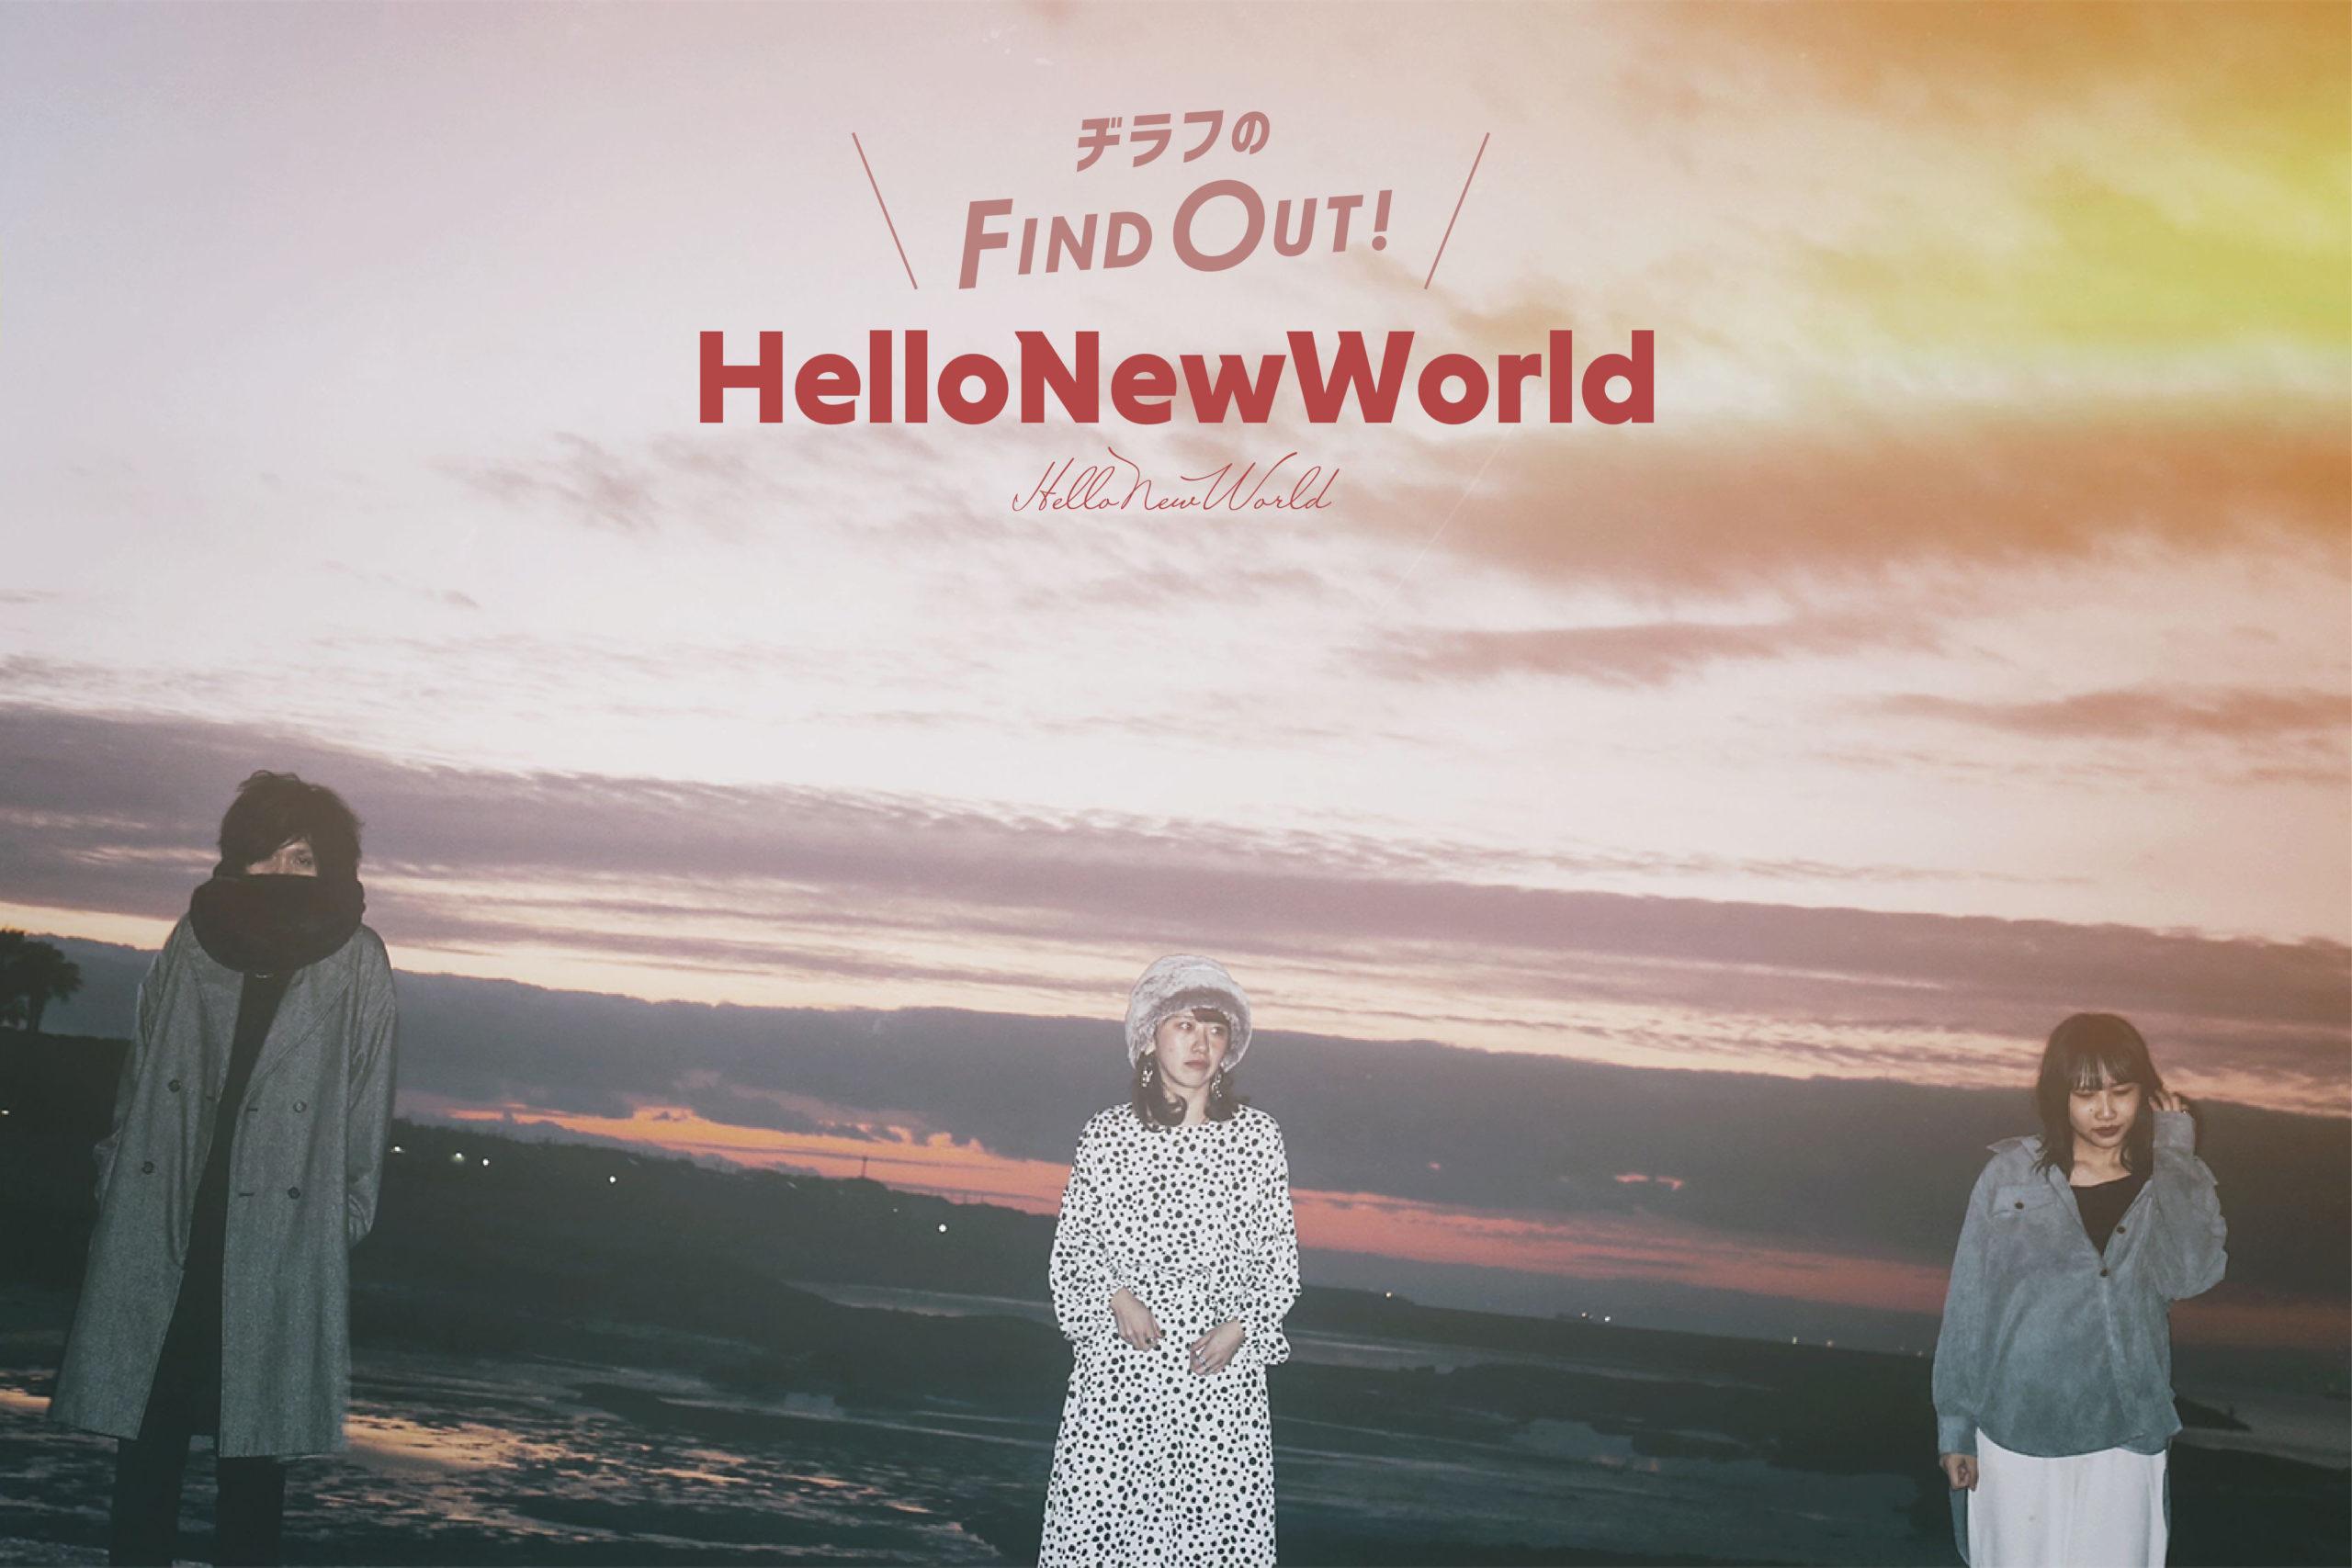 「【HelloNewWorld】まだ出会ったことのないあなたのヒーローになりたい」のアイキャッチ画像